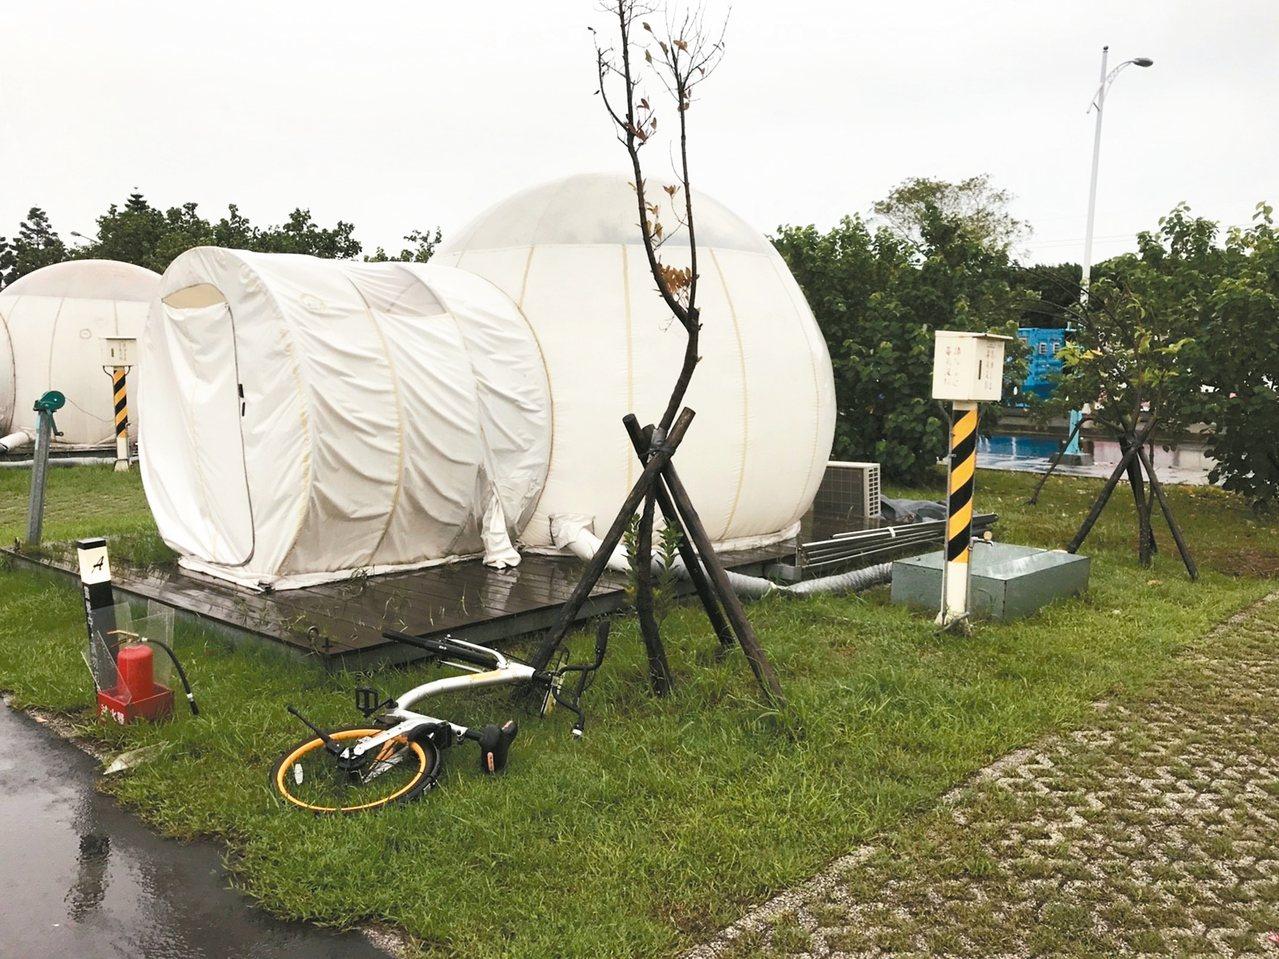 新北市水利局去年委外經營的八里文化公園露營區引進泡泡帳篷,昨遭議員踢爆露營區環境...